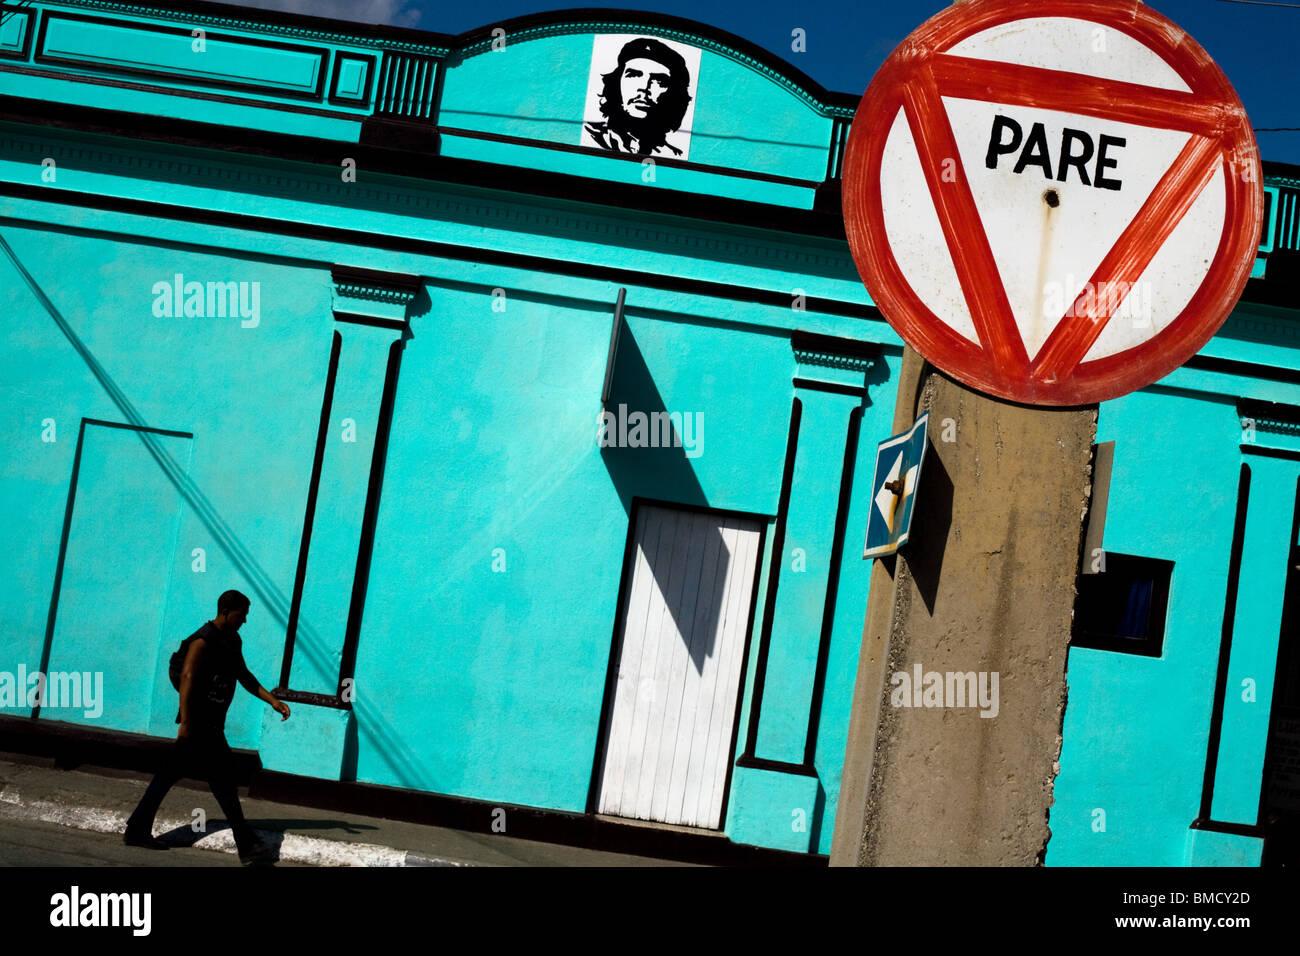 Ein Mann geht durch ein helles blaues Gebäude geschmückt mit einem Bild von Ernesto Che Guevara in Baracoa, Stockbild